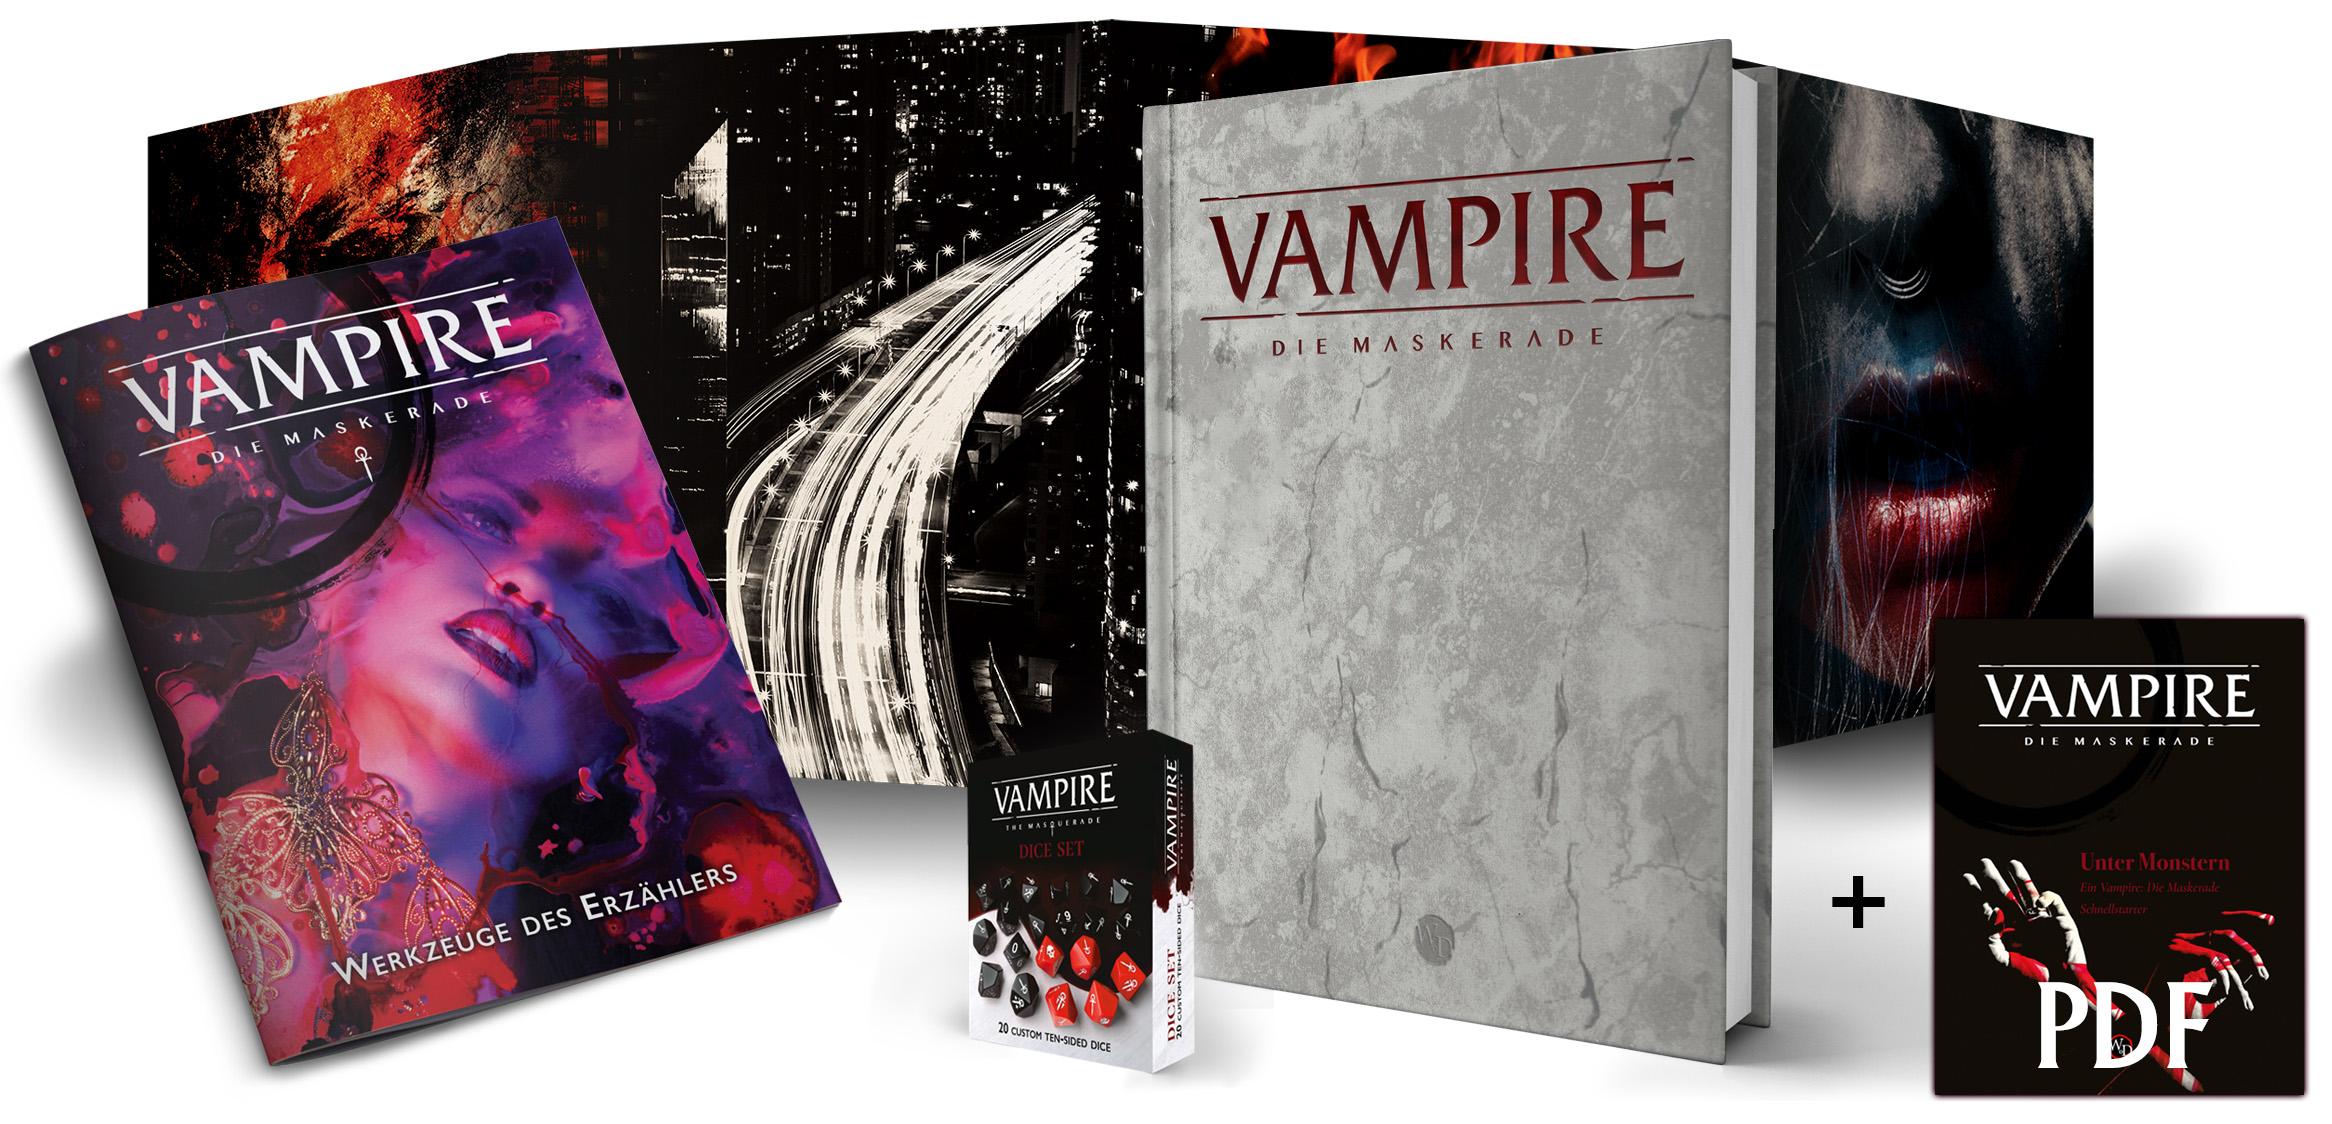 Vampire: Die Maskerade Ulisses PreSeller